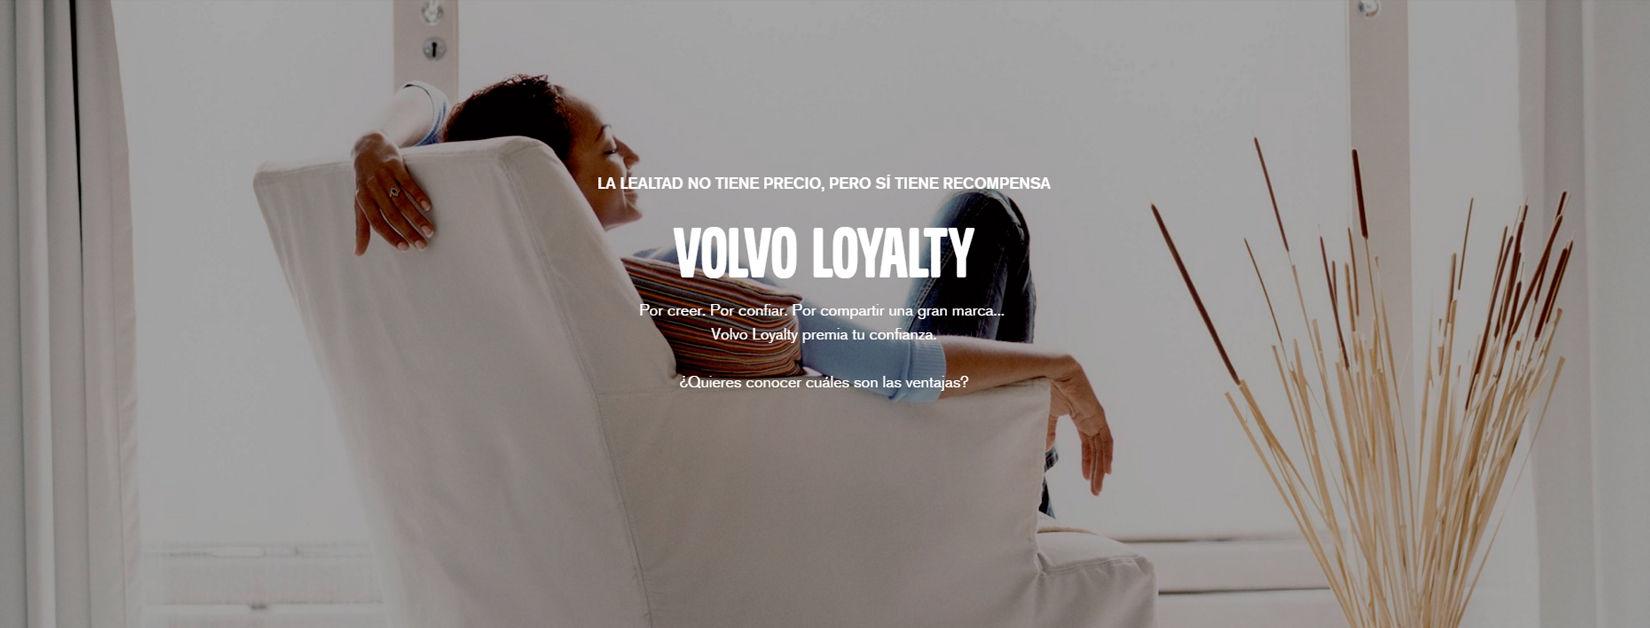 Volvo Loyalty